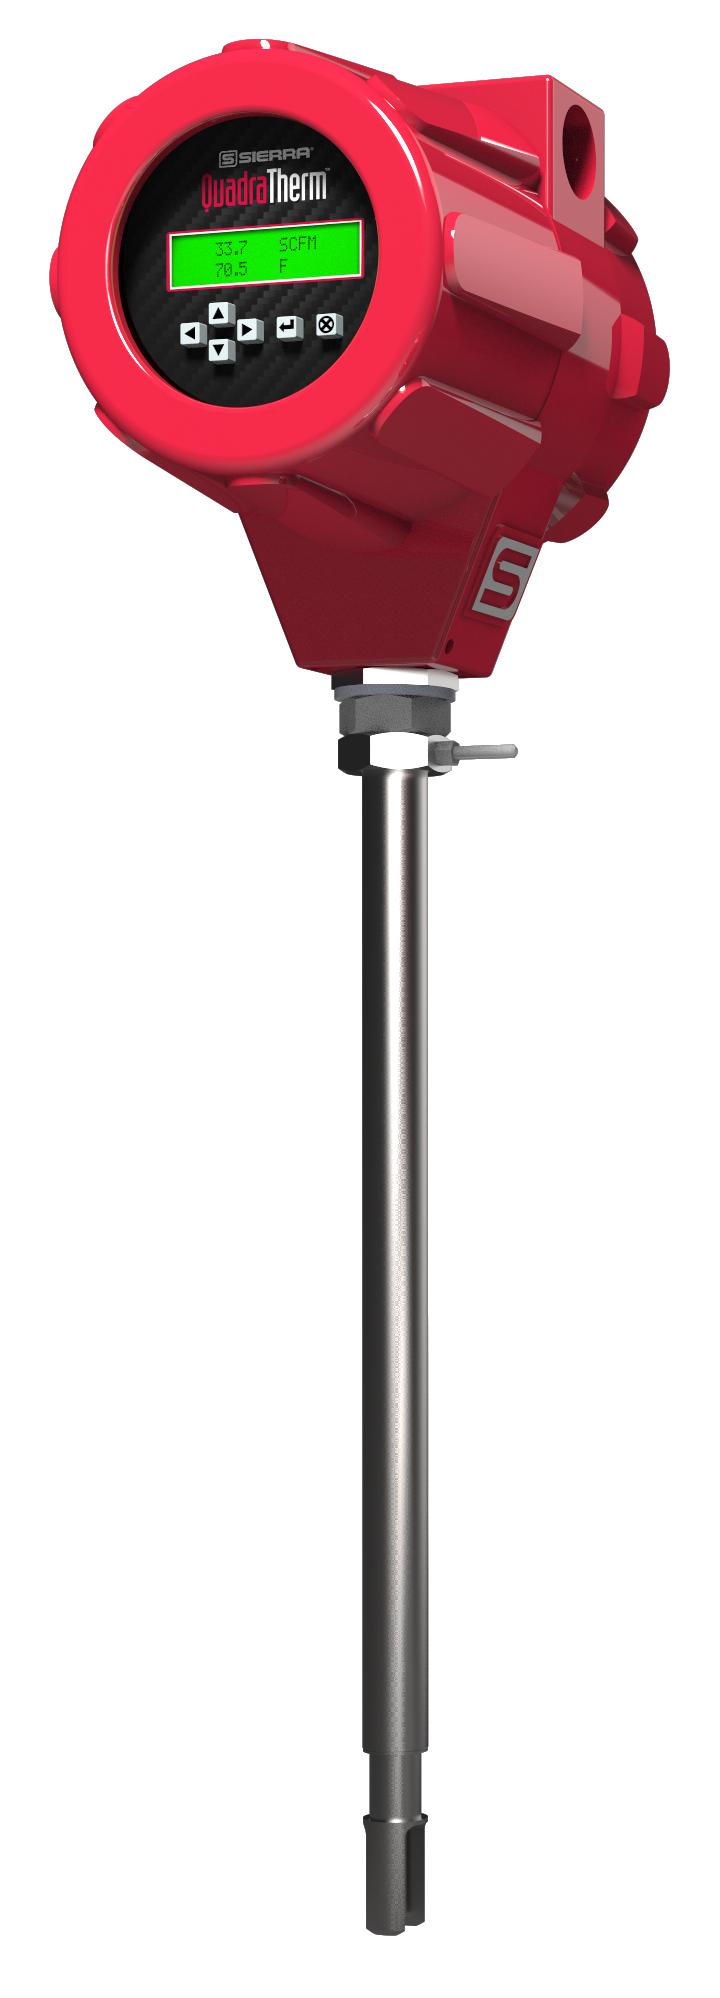 Part biogas flow meter measurement the solution